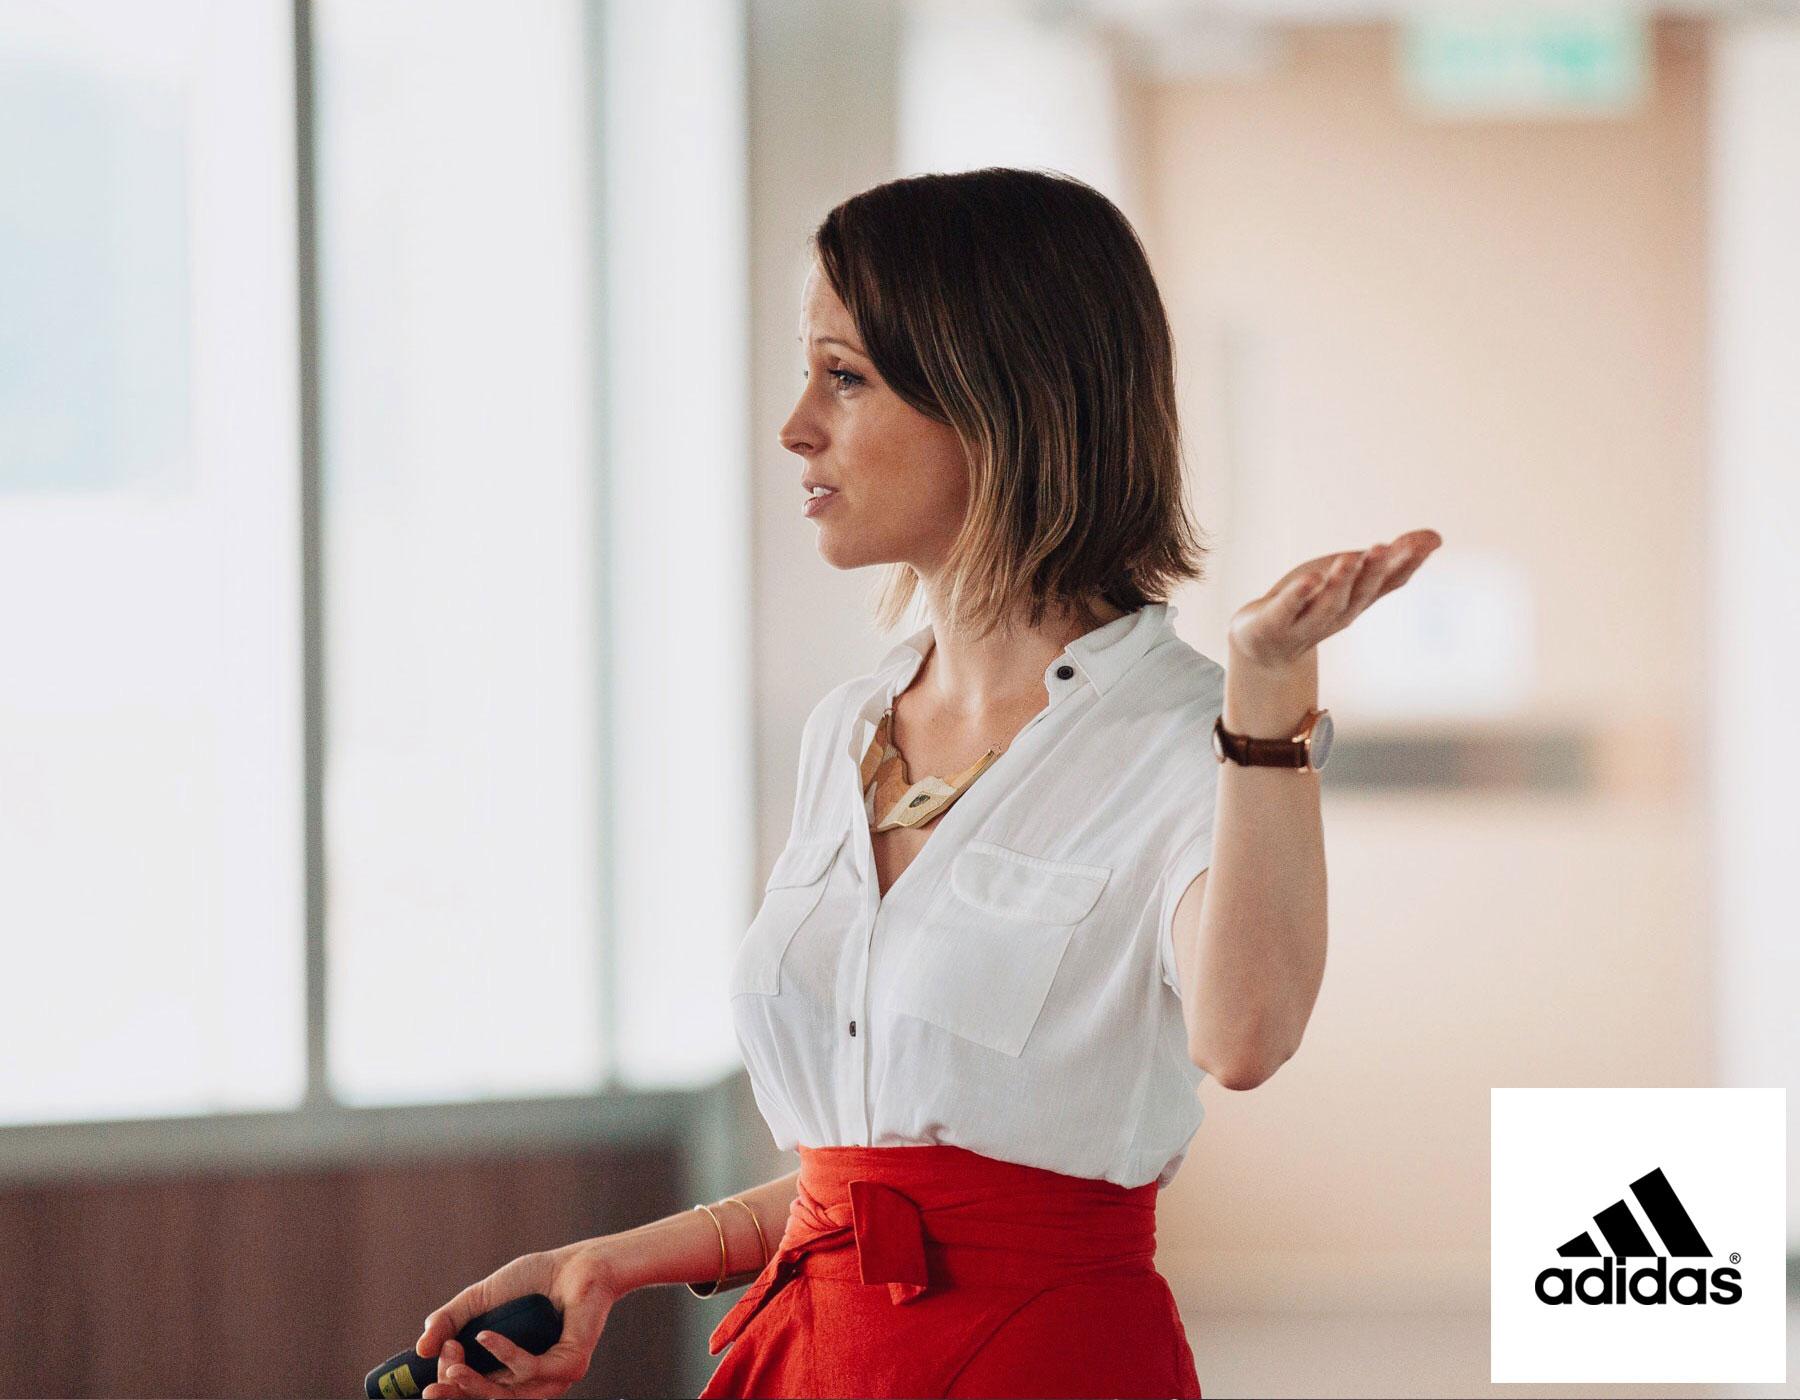 Conférence sur le Zéro Déchet à  Adidas Hong Kong